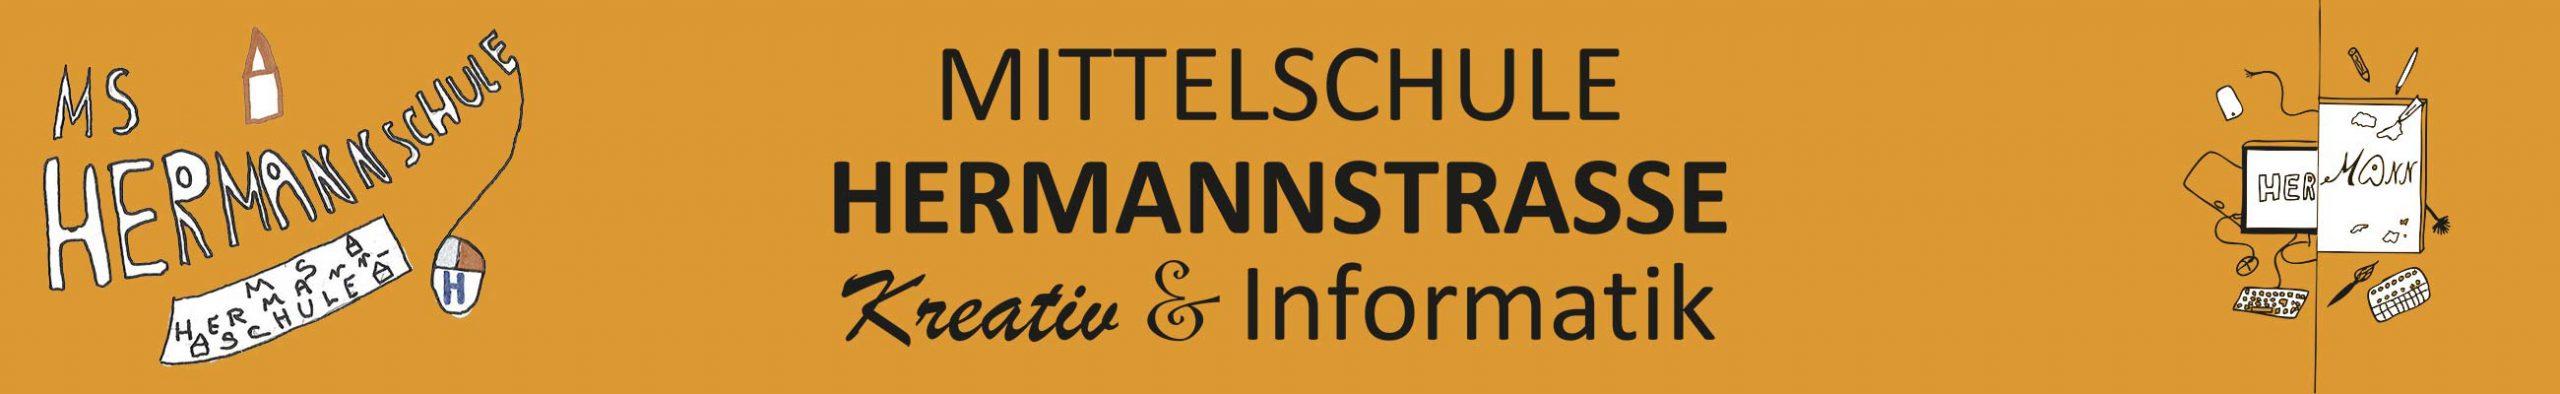 NMS Hermannstrasse